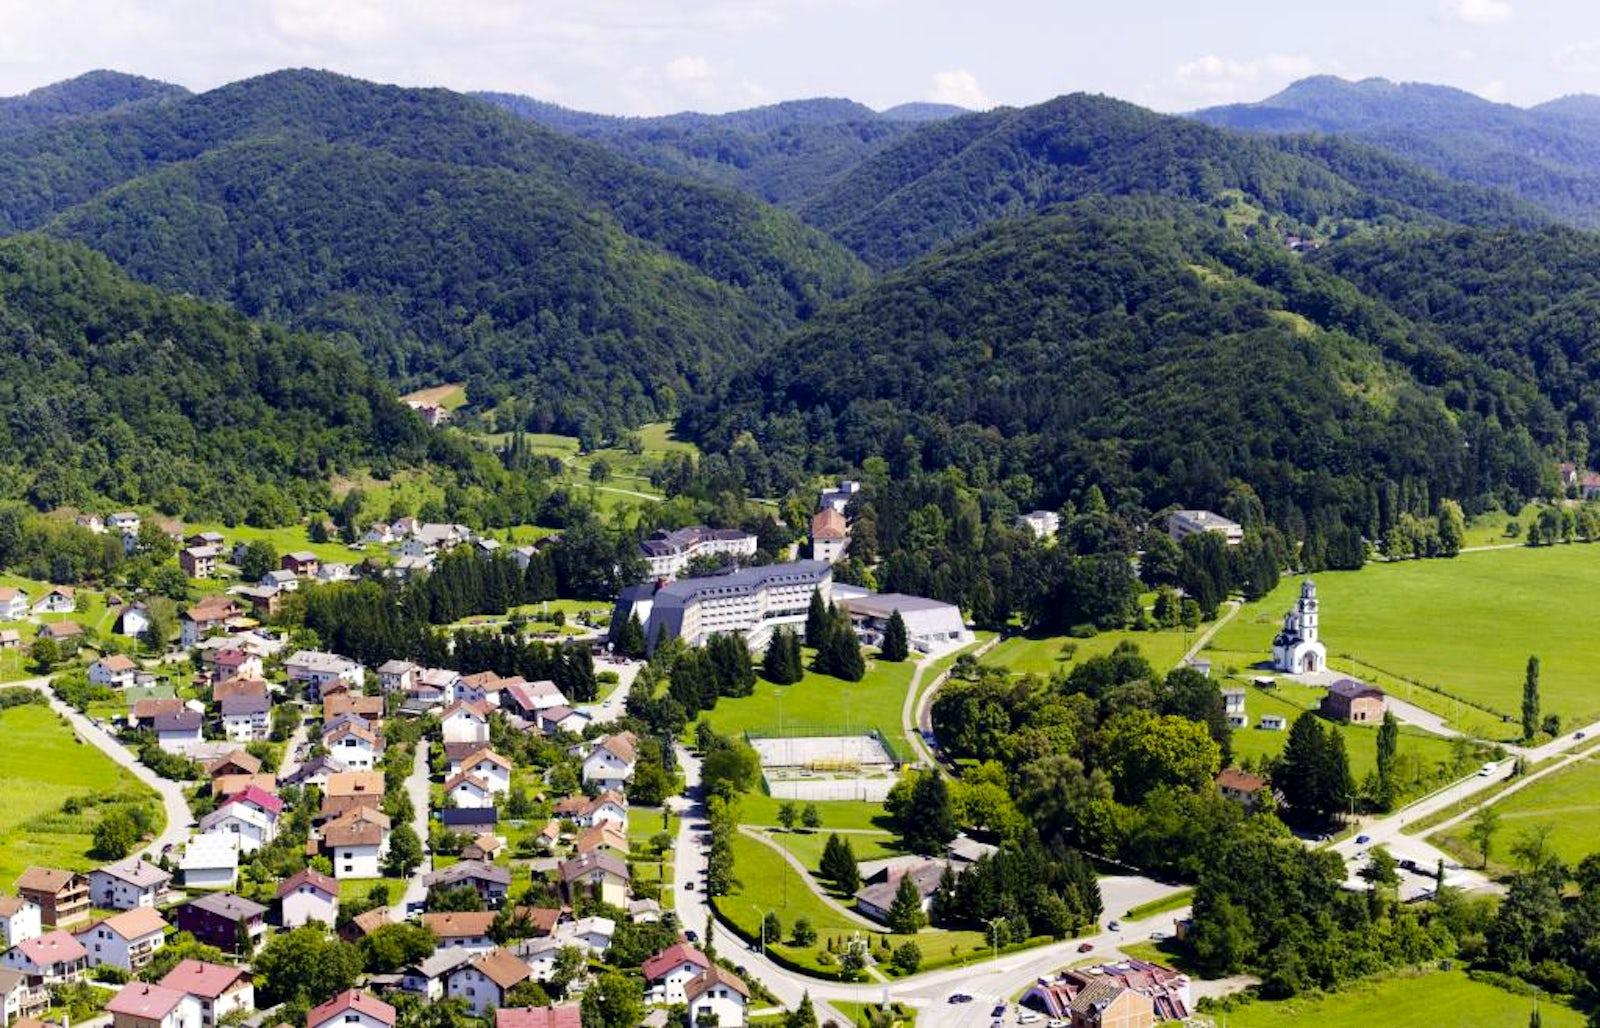 Cover picture © Credits to Facebook/Turistička organizacija opštine Teslić